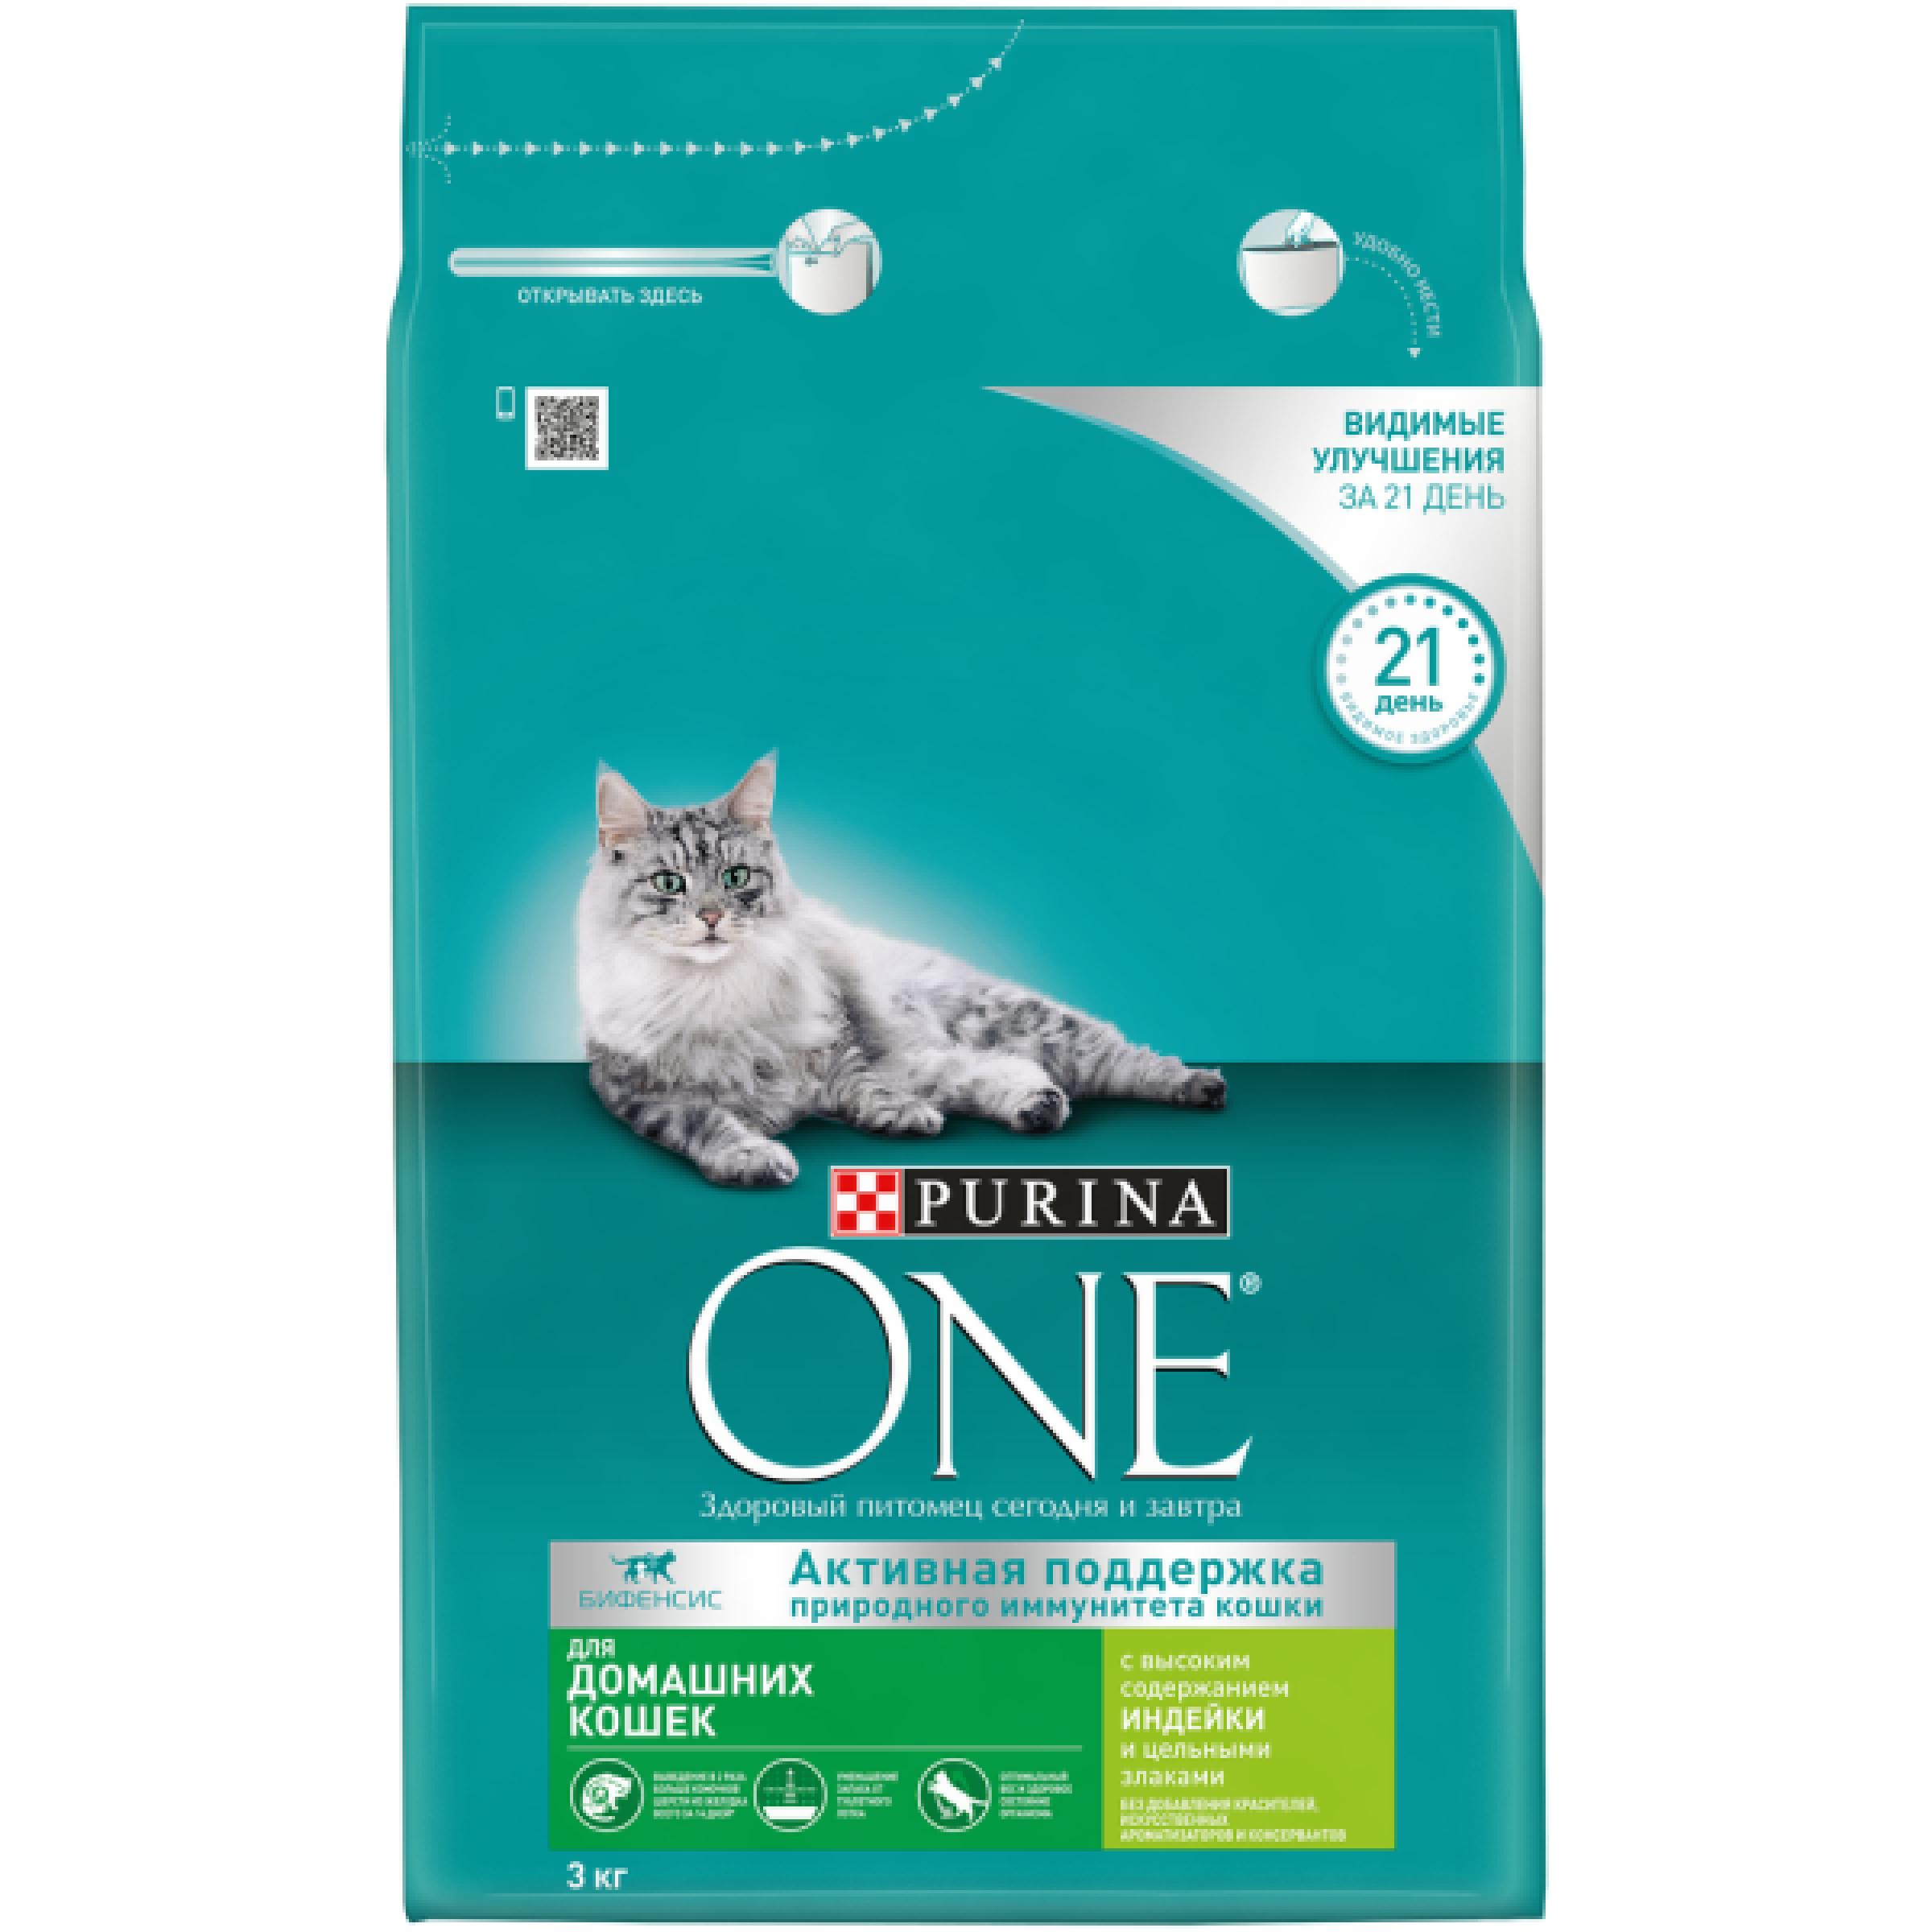 """Корм сухой Purina One """"Indor"""" для домашних кошек, с индейкой и цельными злаками, 3 кг"""